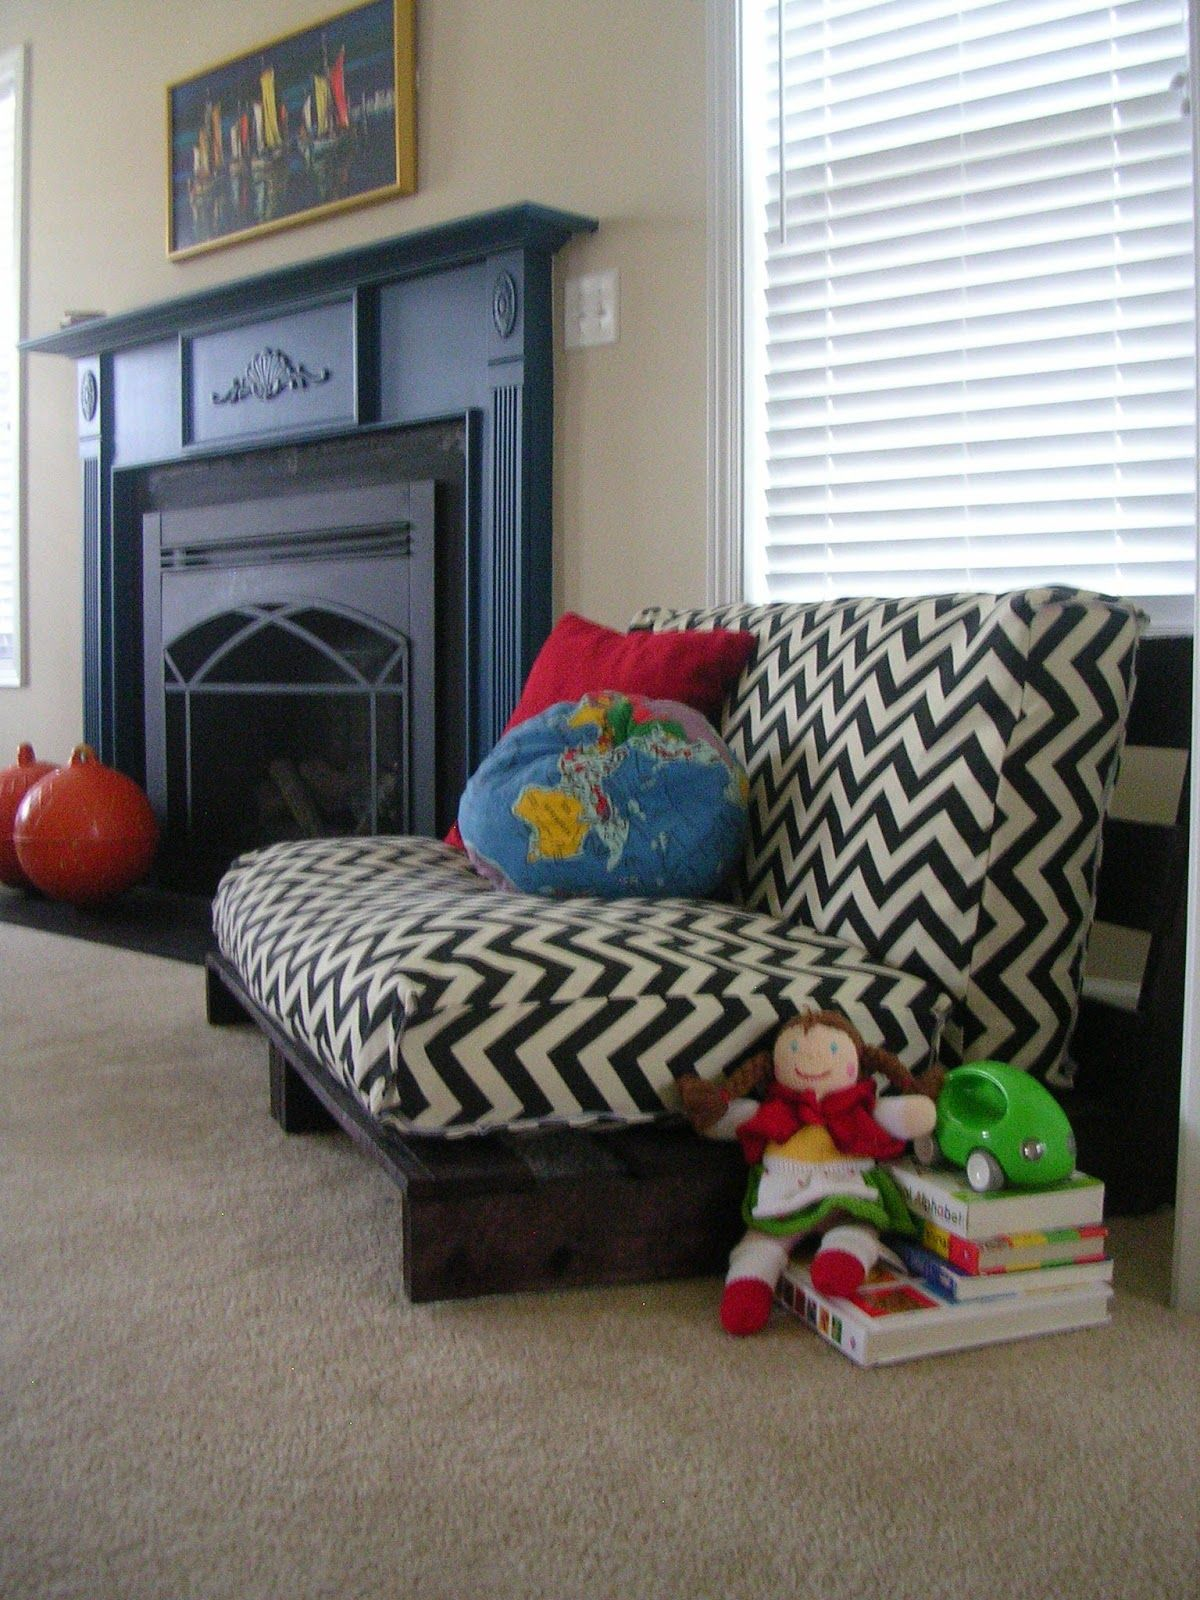 Diy sof con pallets reciclaje de pal s pallets recycling - Reciclaje de pales ...